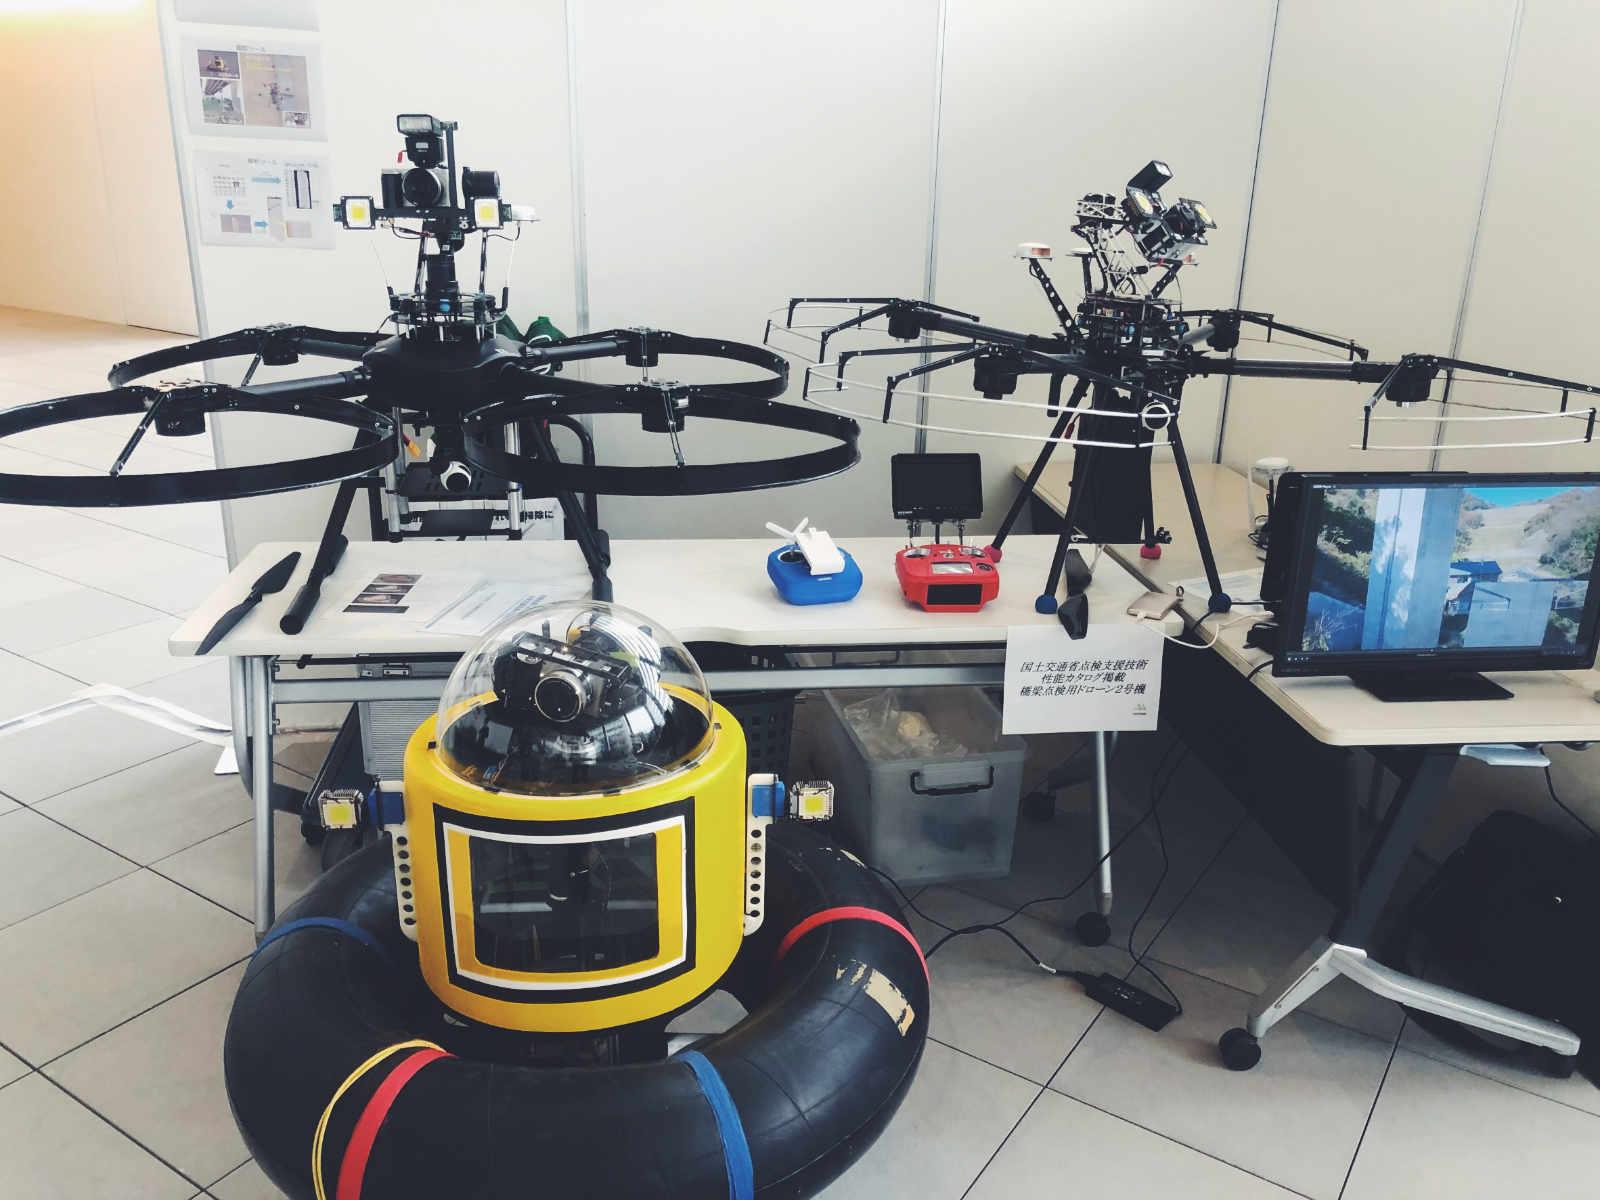 大分ドローンフェスタ2019(OITA DRONE FESTA 2019)夢想科学株式会社の展示会ブース